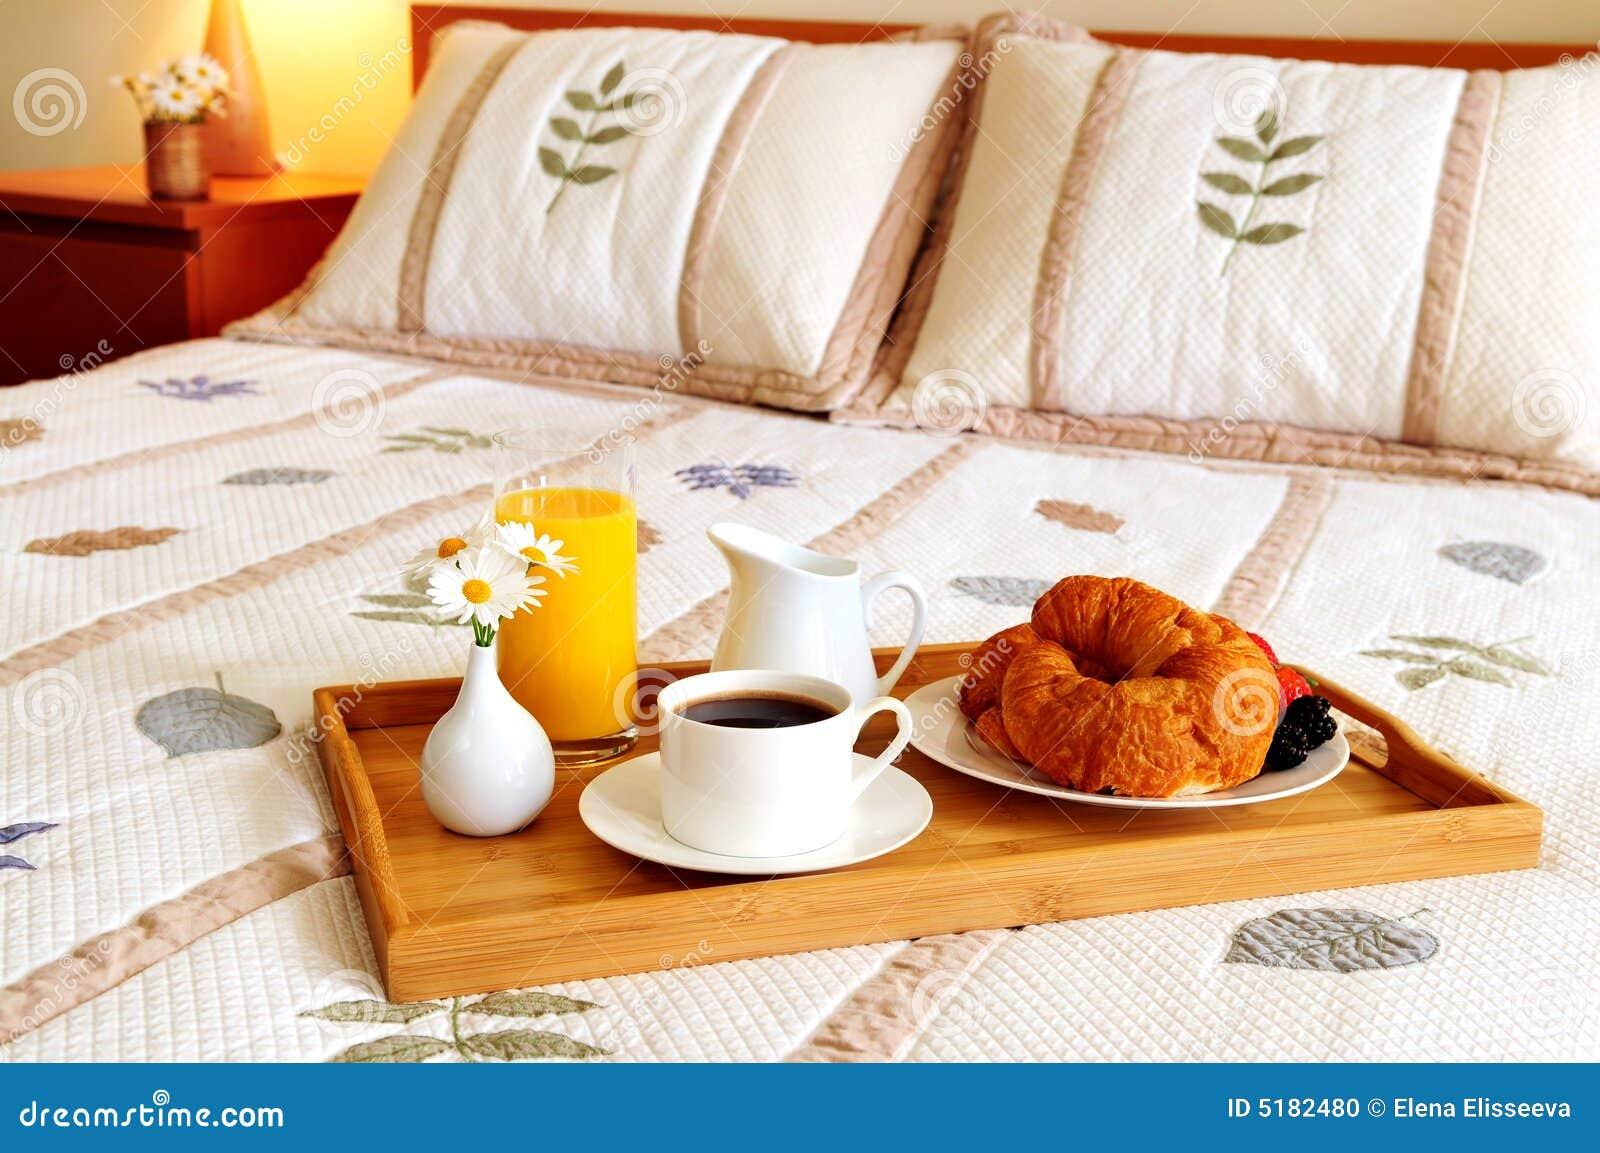 Prima colazione su una base in una camera di albergo